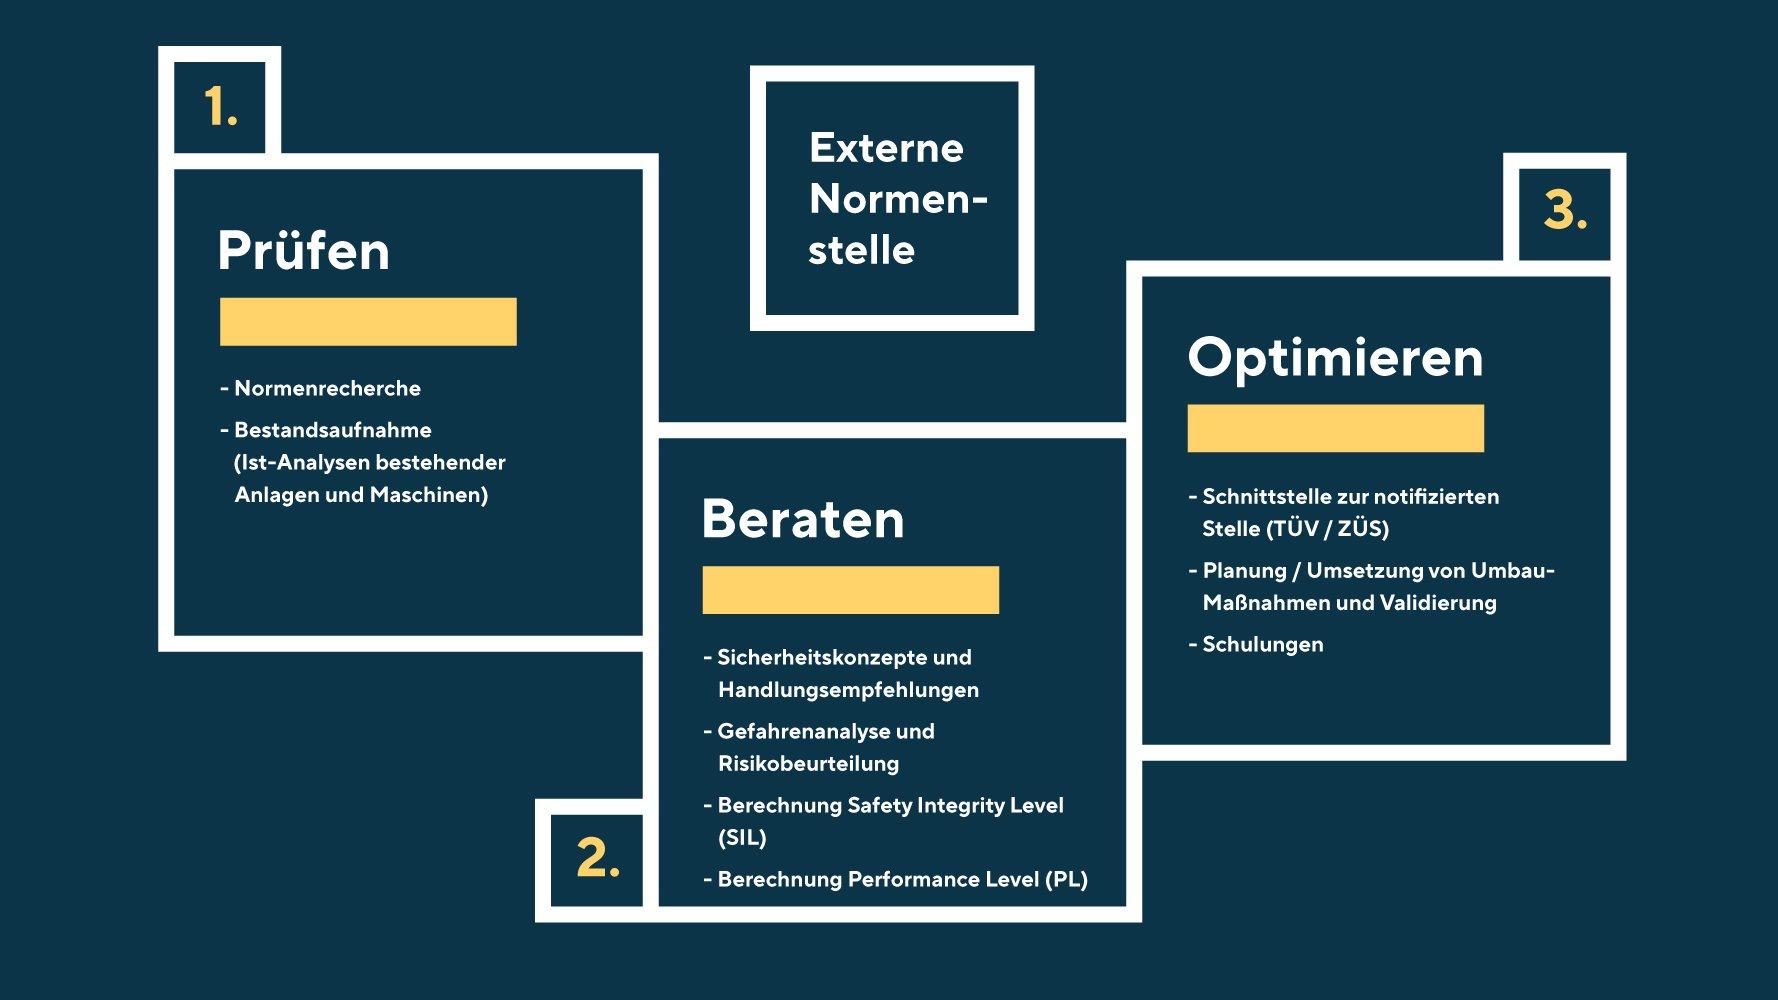 Mit einer Grafik werden die drei Leistungsfelder Prüfen, Beraten und Optimieren von der externen Normenstelle IFAN kurz erklärt.